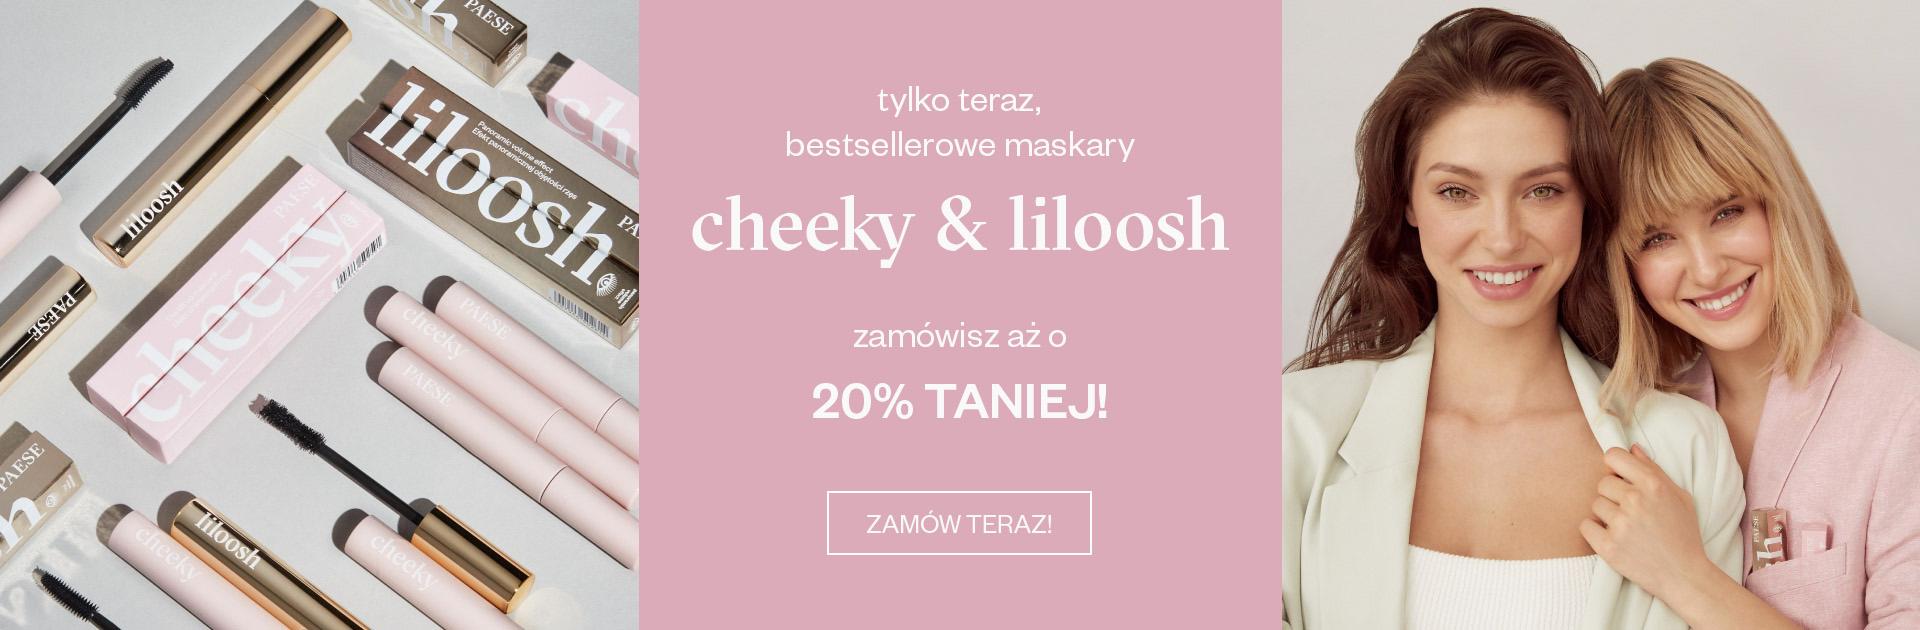 Paese: 20% zniżki na bestsellerowe maskary cheeky & liloosh